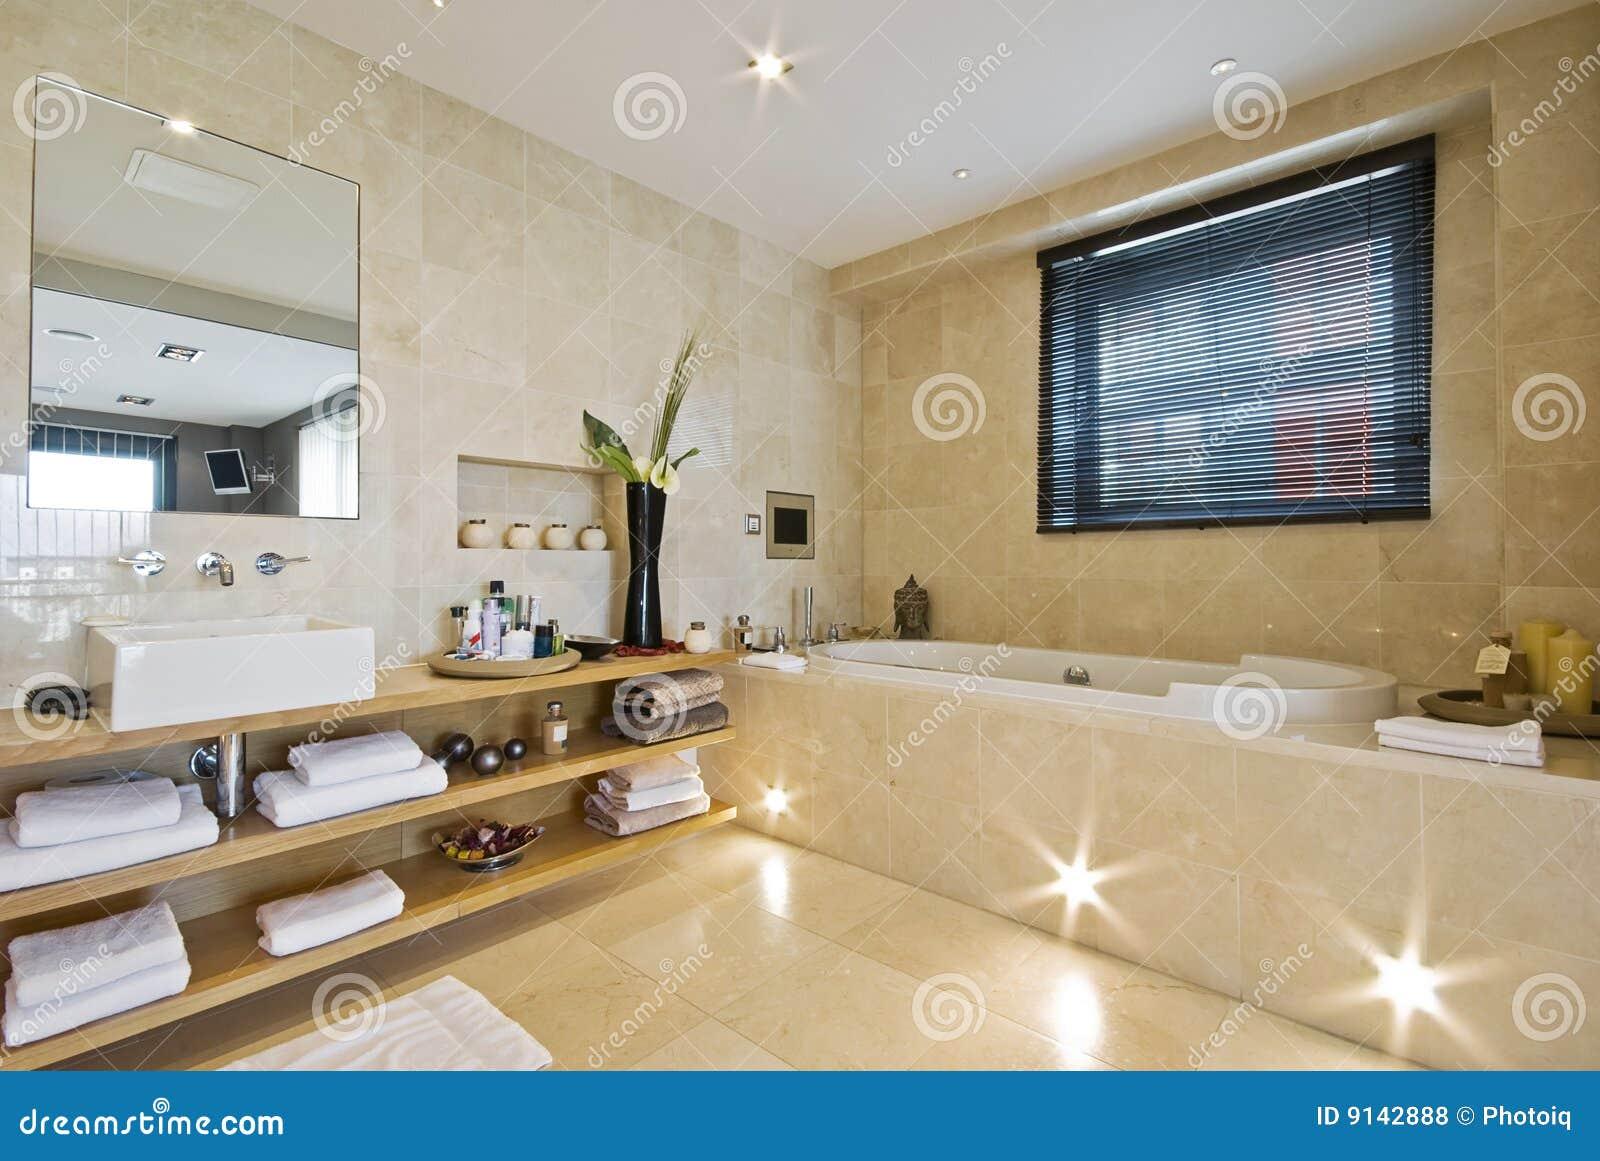 De badkamers van de luxe met lichtbruin marmer royalty vrije stock foto 39 s afbeelding 9142888 - Badkamers bassin italiaanse design ...